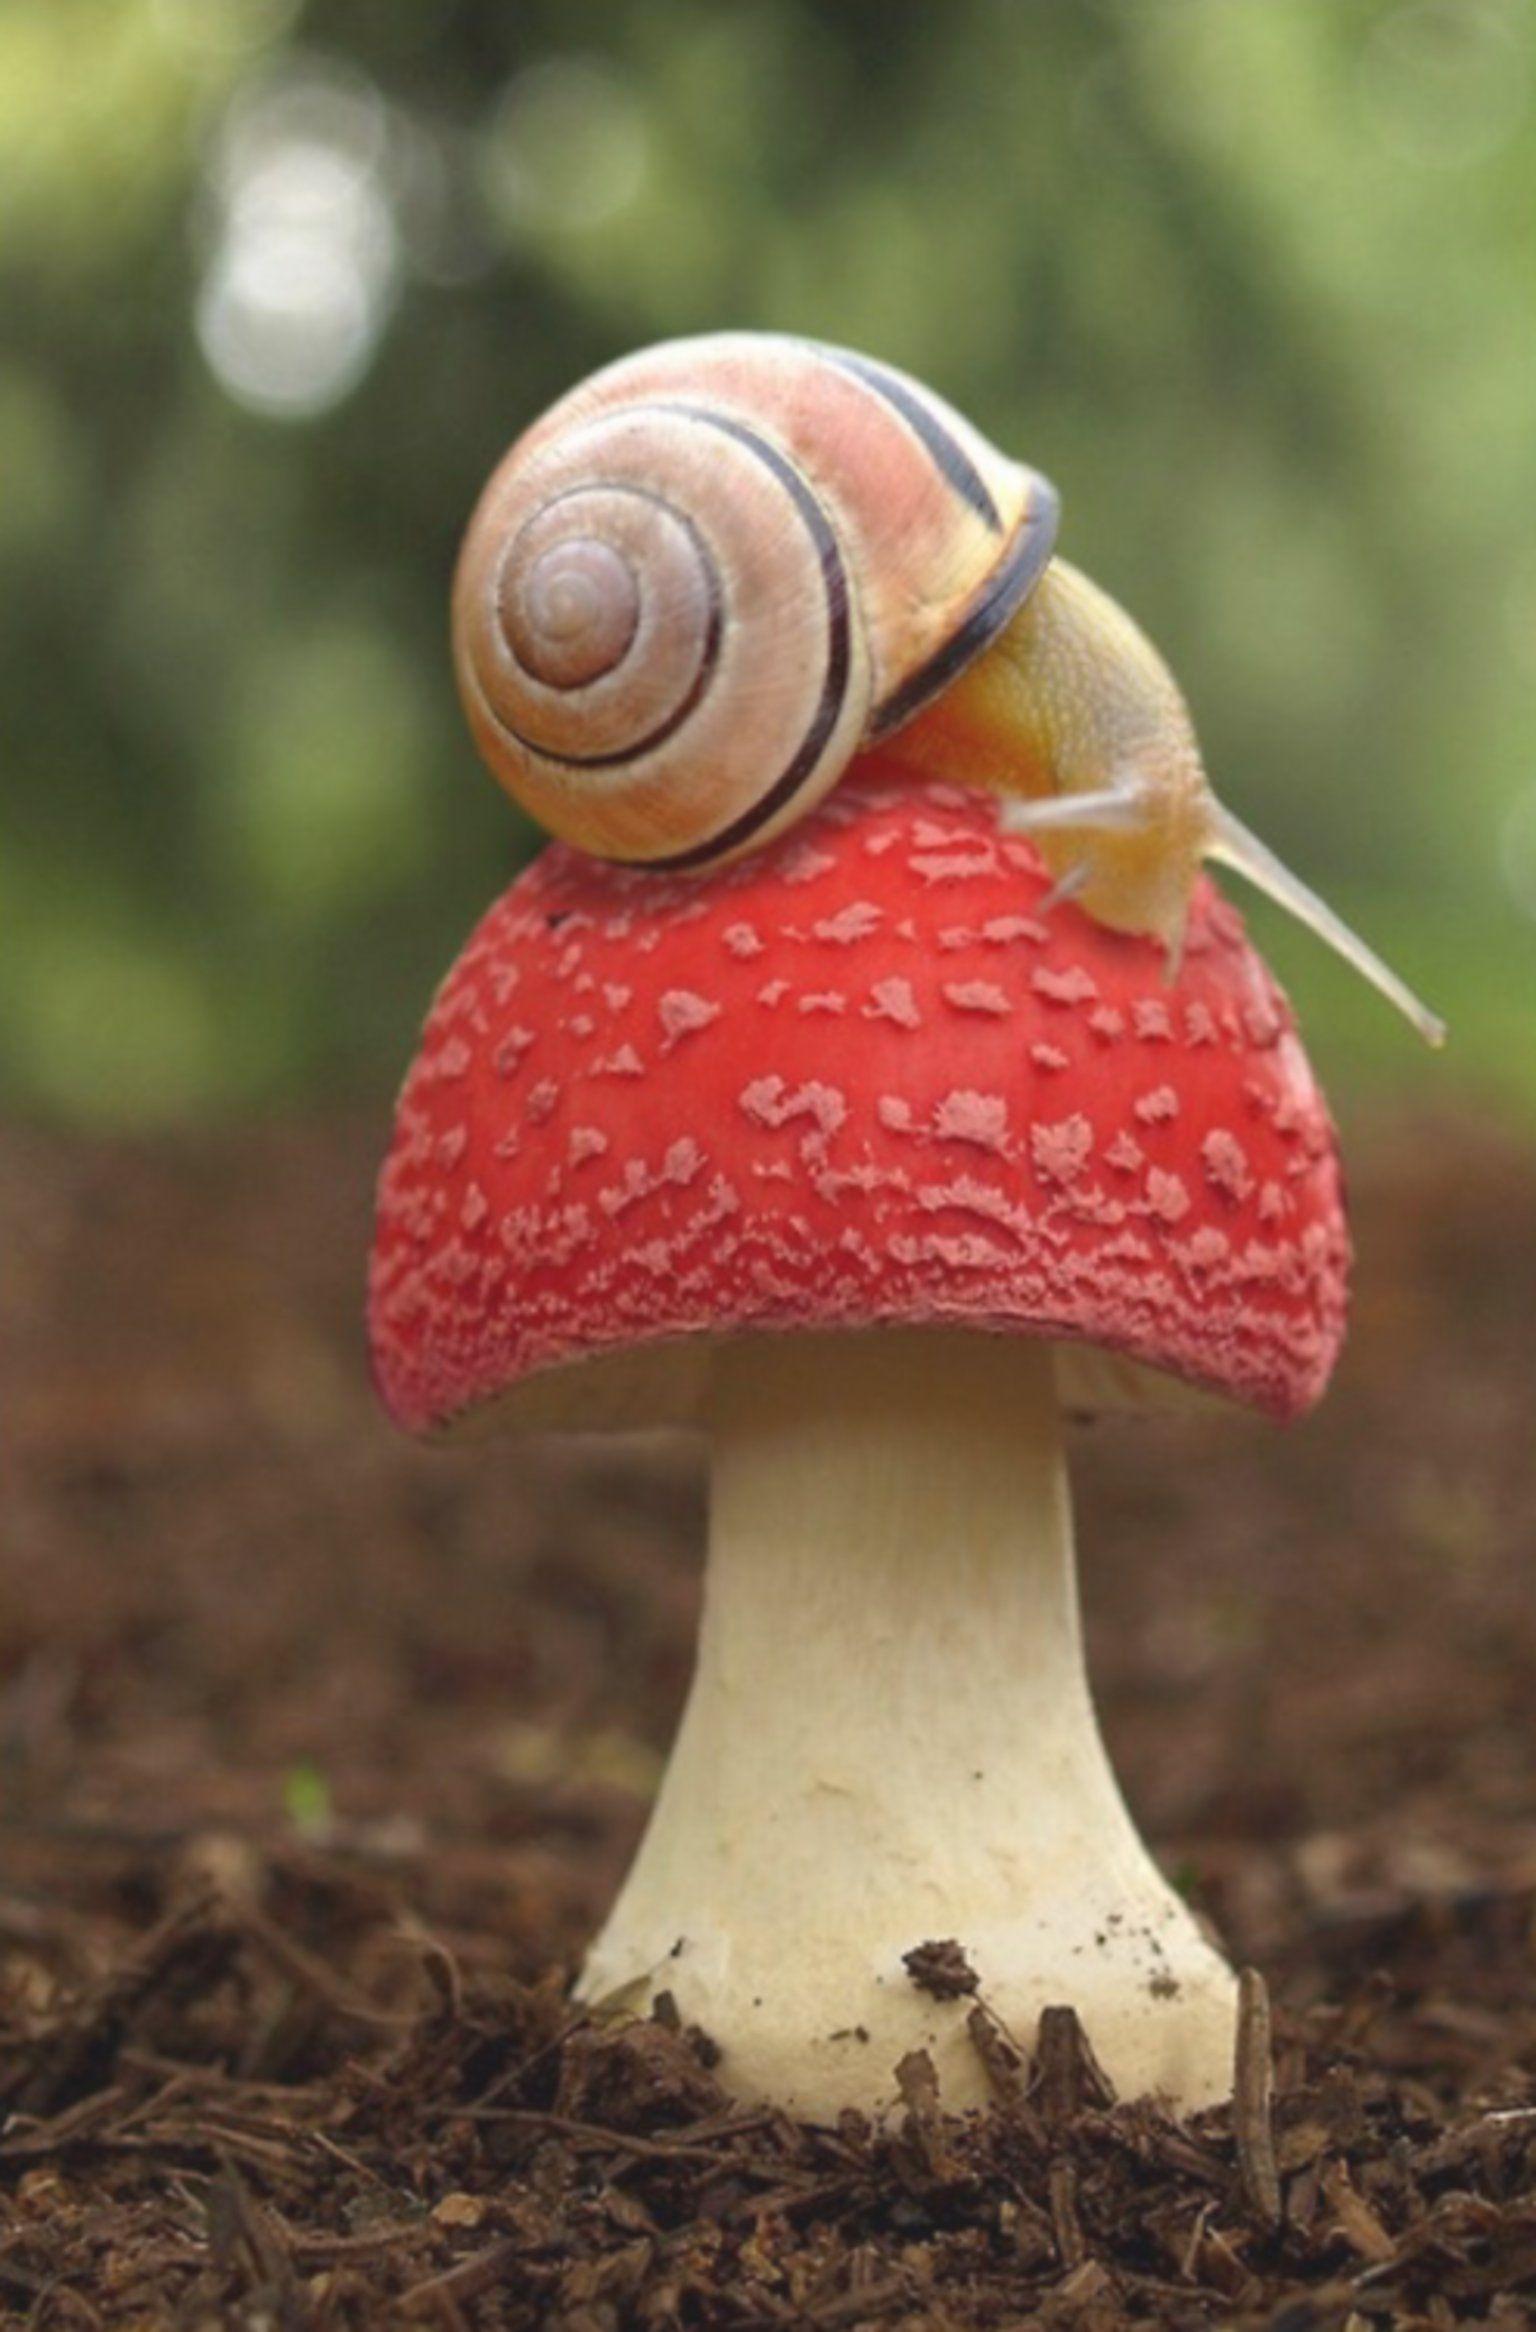 Watson Bild Pilze Schnecken Natur Tiere